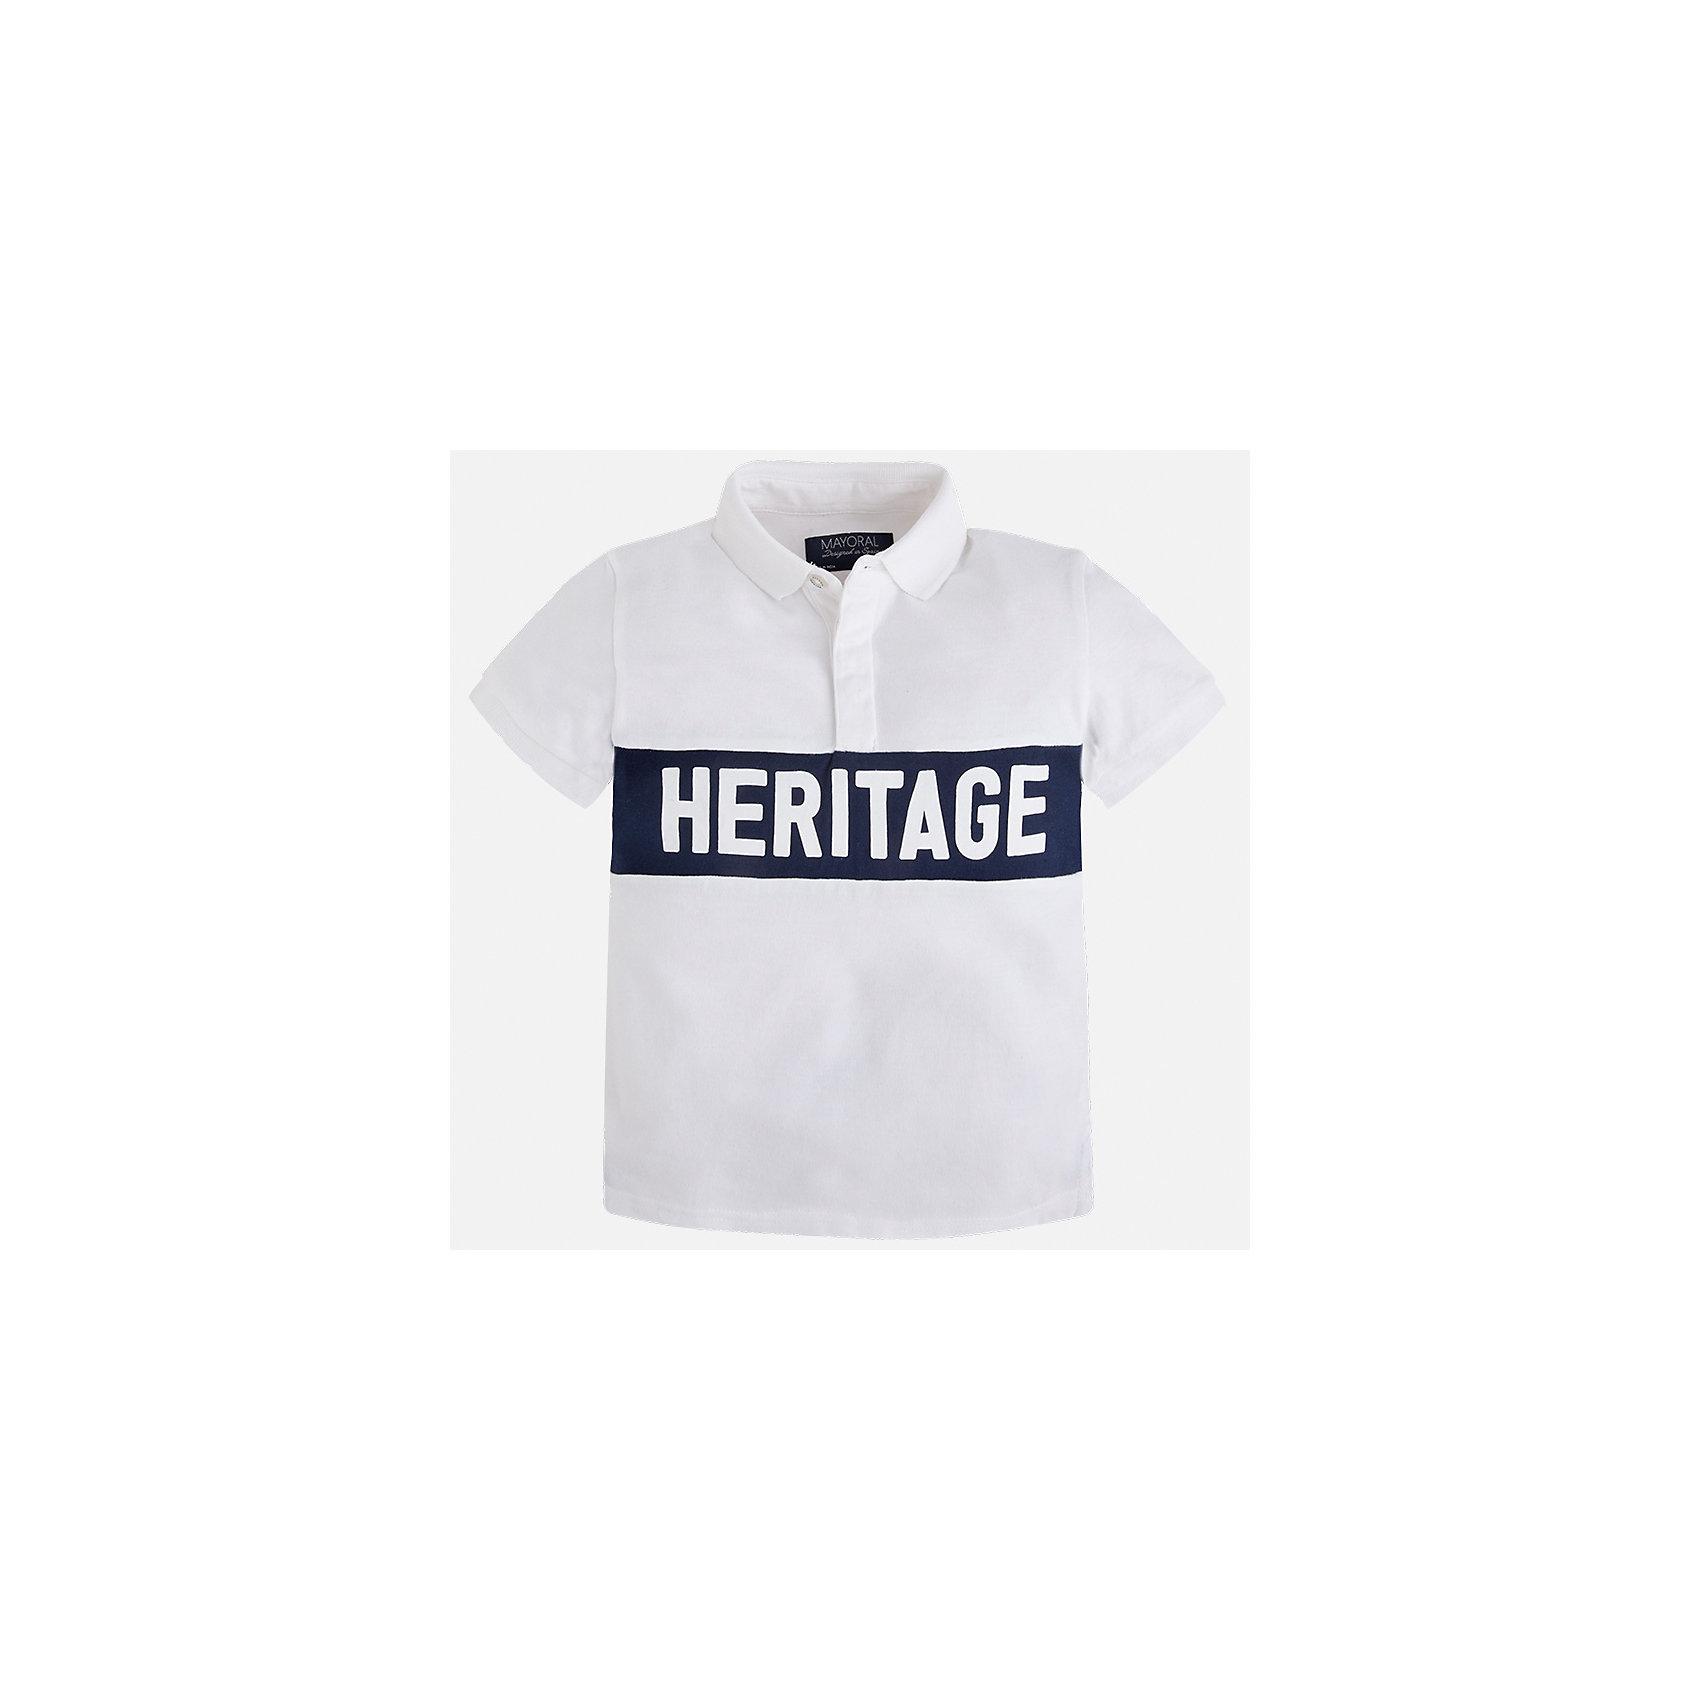 Футболка-поло для мальчика MayoralХарактеристики товара:<br><br>• цвет: белый<br>• состав: 100% хлопок<br>• отложной воротник<br>• короткие рукава<br>• застежка: пуговицы<br>• декорирована вышивкой<br>• страна бренда: Испания<br><br>Стильная футболка-поло для мальчика может стать базовой вещью в гардеробе ребенка. Она отлично сочетается с брюками, шортами, джинсами и т.д. Универсальный крой и цвет позволяет подобрать к вещи низ разных расцветок. Практичное и стильное изделие! В составе материала - только натуральный хлопок, гипоаллергенный, приятный на ощупь, дышащий.<br><br>Одежда, обувь и аксессуары от испанского бренда Mayoral полюбились детям и взрослым по всему миру. Модели этой марки - стильные и удобные. Для их производства используются только безопасные, качественные материалы и фурнитура. Порадуйте ребенка модными и красивыми вещами от Mayoral! <br><br>Футболку-поло для мальчика от испанского бренда Mayoral (Майорал) можно купить в нашем интернет-магазине.<br><br>Ширина мм: 230<br>Глубина мм: 40<br>Высота мм: 220<br>Вес г: 250<br>Цвет: белый<br>Возраст от месяцев: 84<br>Возраст до месяцев: 96<br>Пол: Мужской<br>Возраст: Детский<br>Размер: 128,134,122,92,104,110,98,116<br>SKU: 5271985